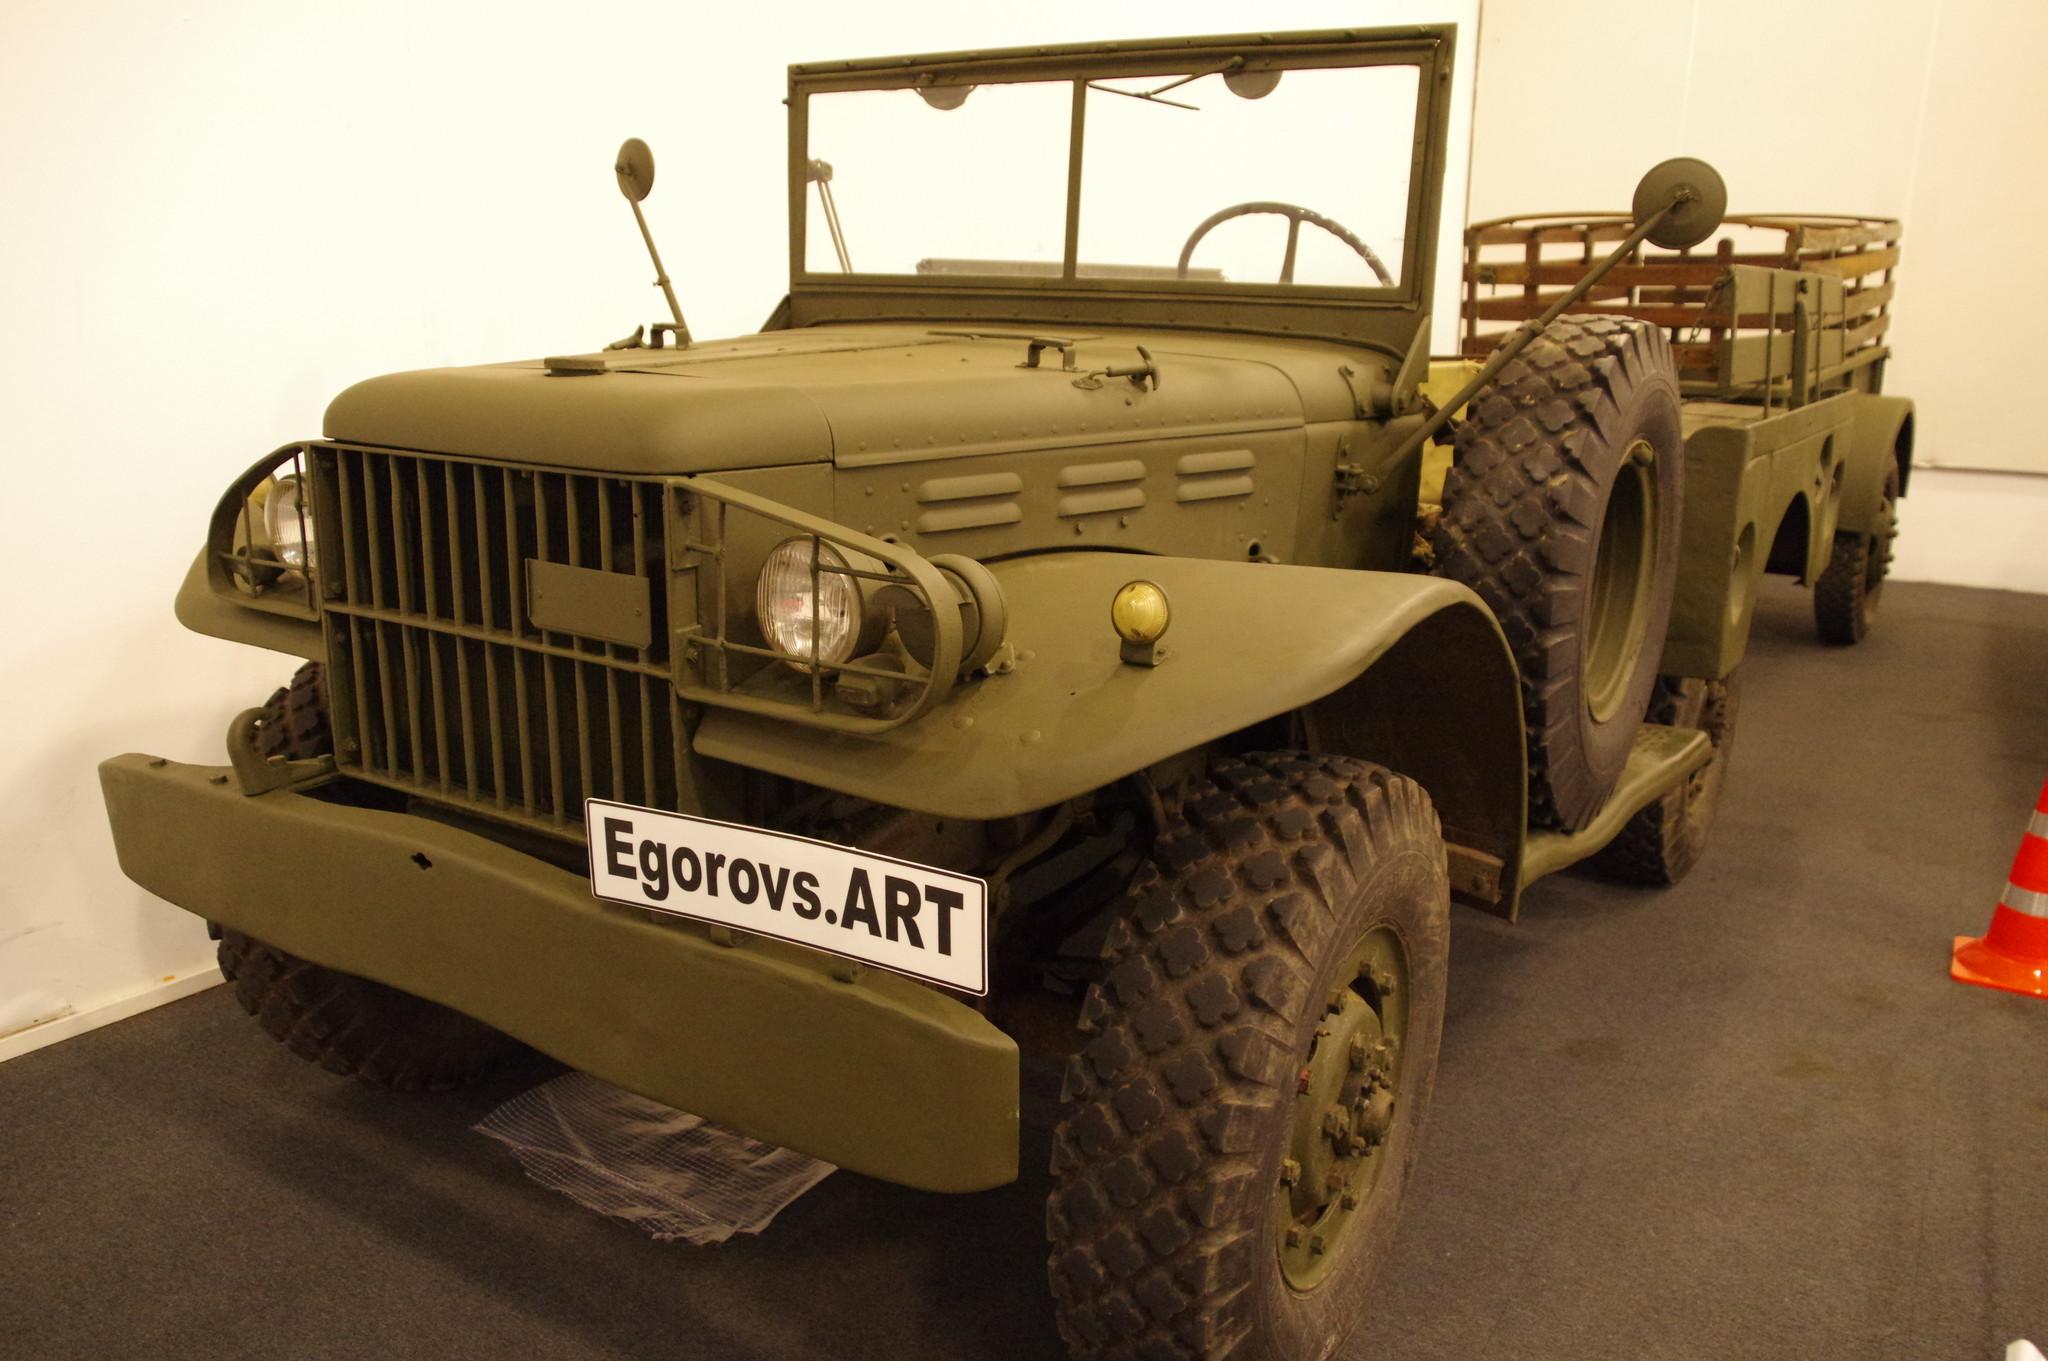 Автомобиль Dodge WC-51 Т-214 Weapons Carrier («Носитель вооружений») 1944 года выпуска